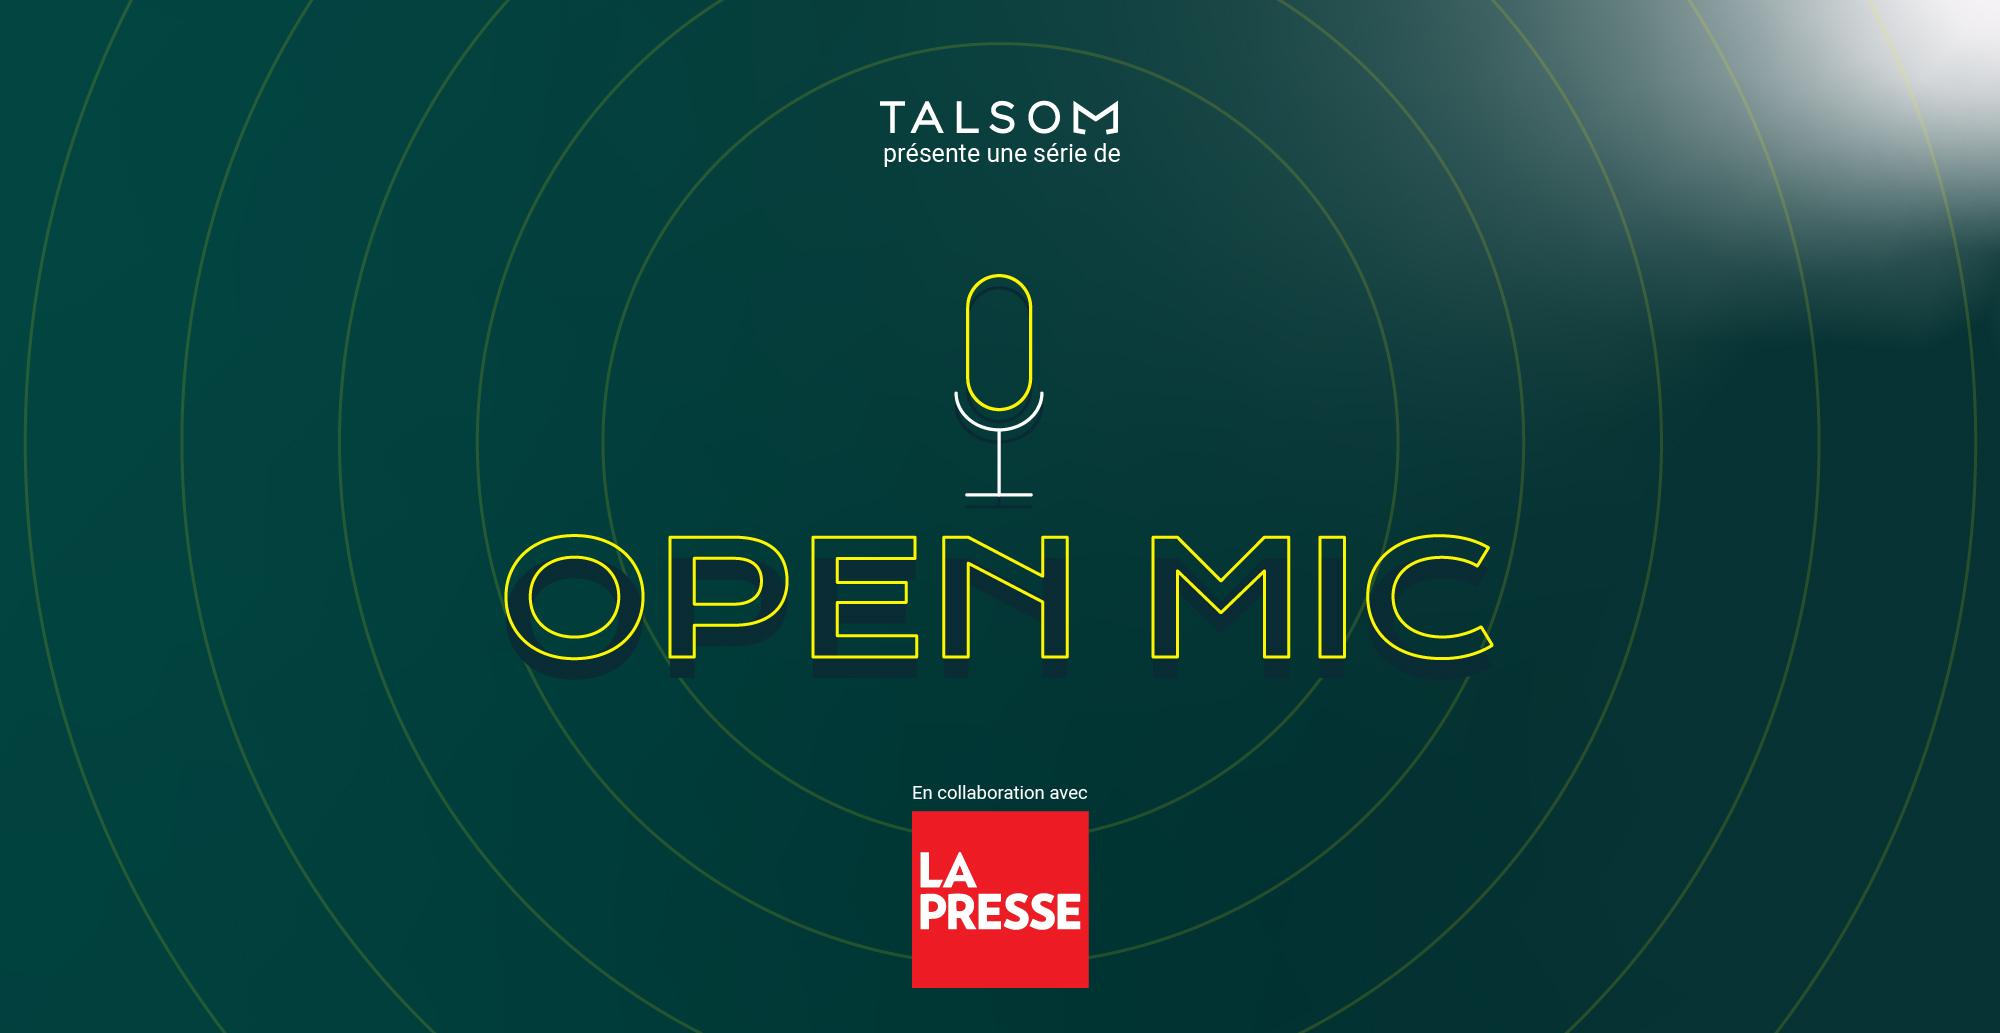 Notre série de 3 «OpenMic», en collaboration avec LaPresse